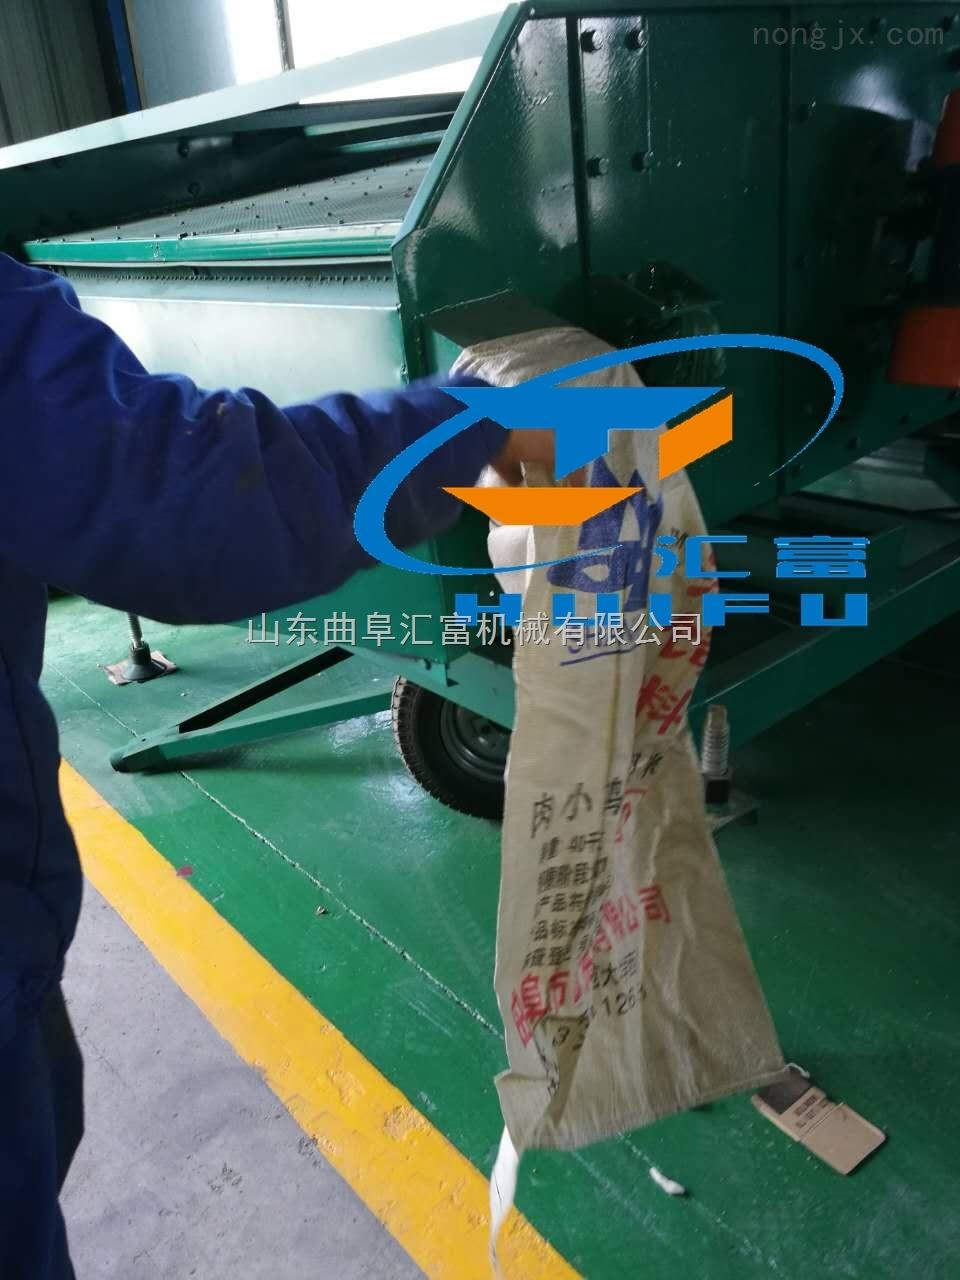 hf-30-震动筛分级筛选机 粮食杂质碎粒清选筛选设备